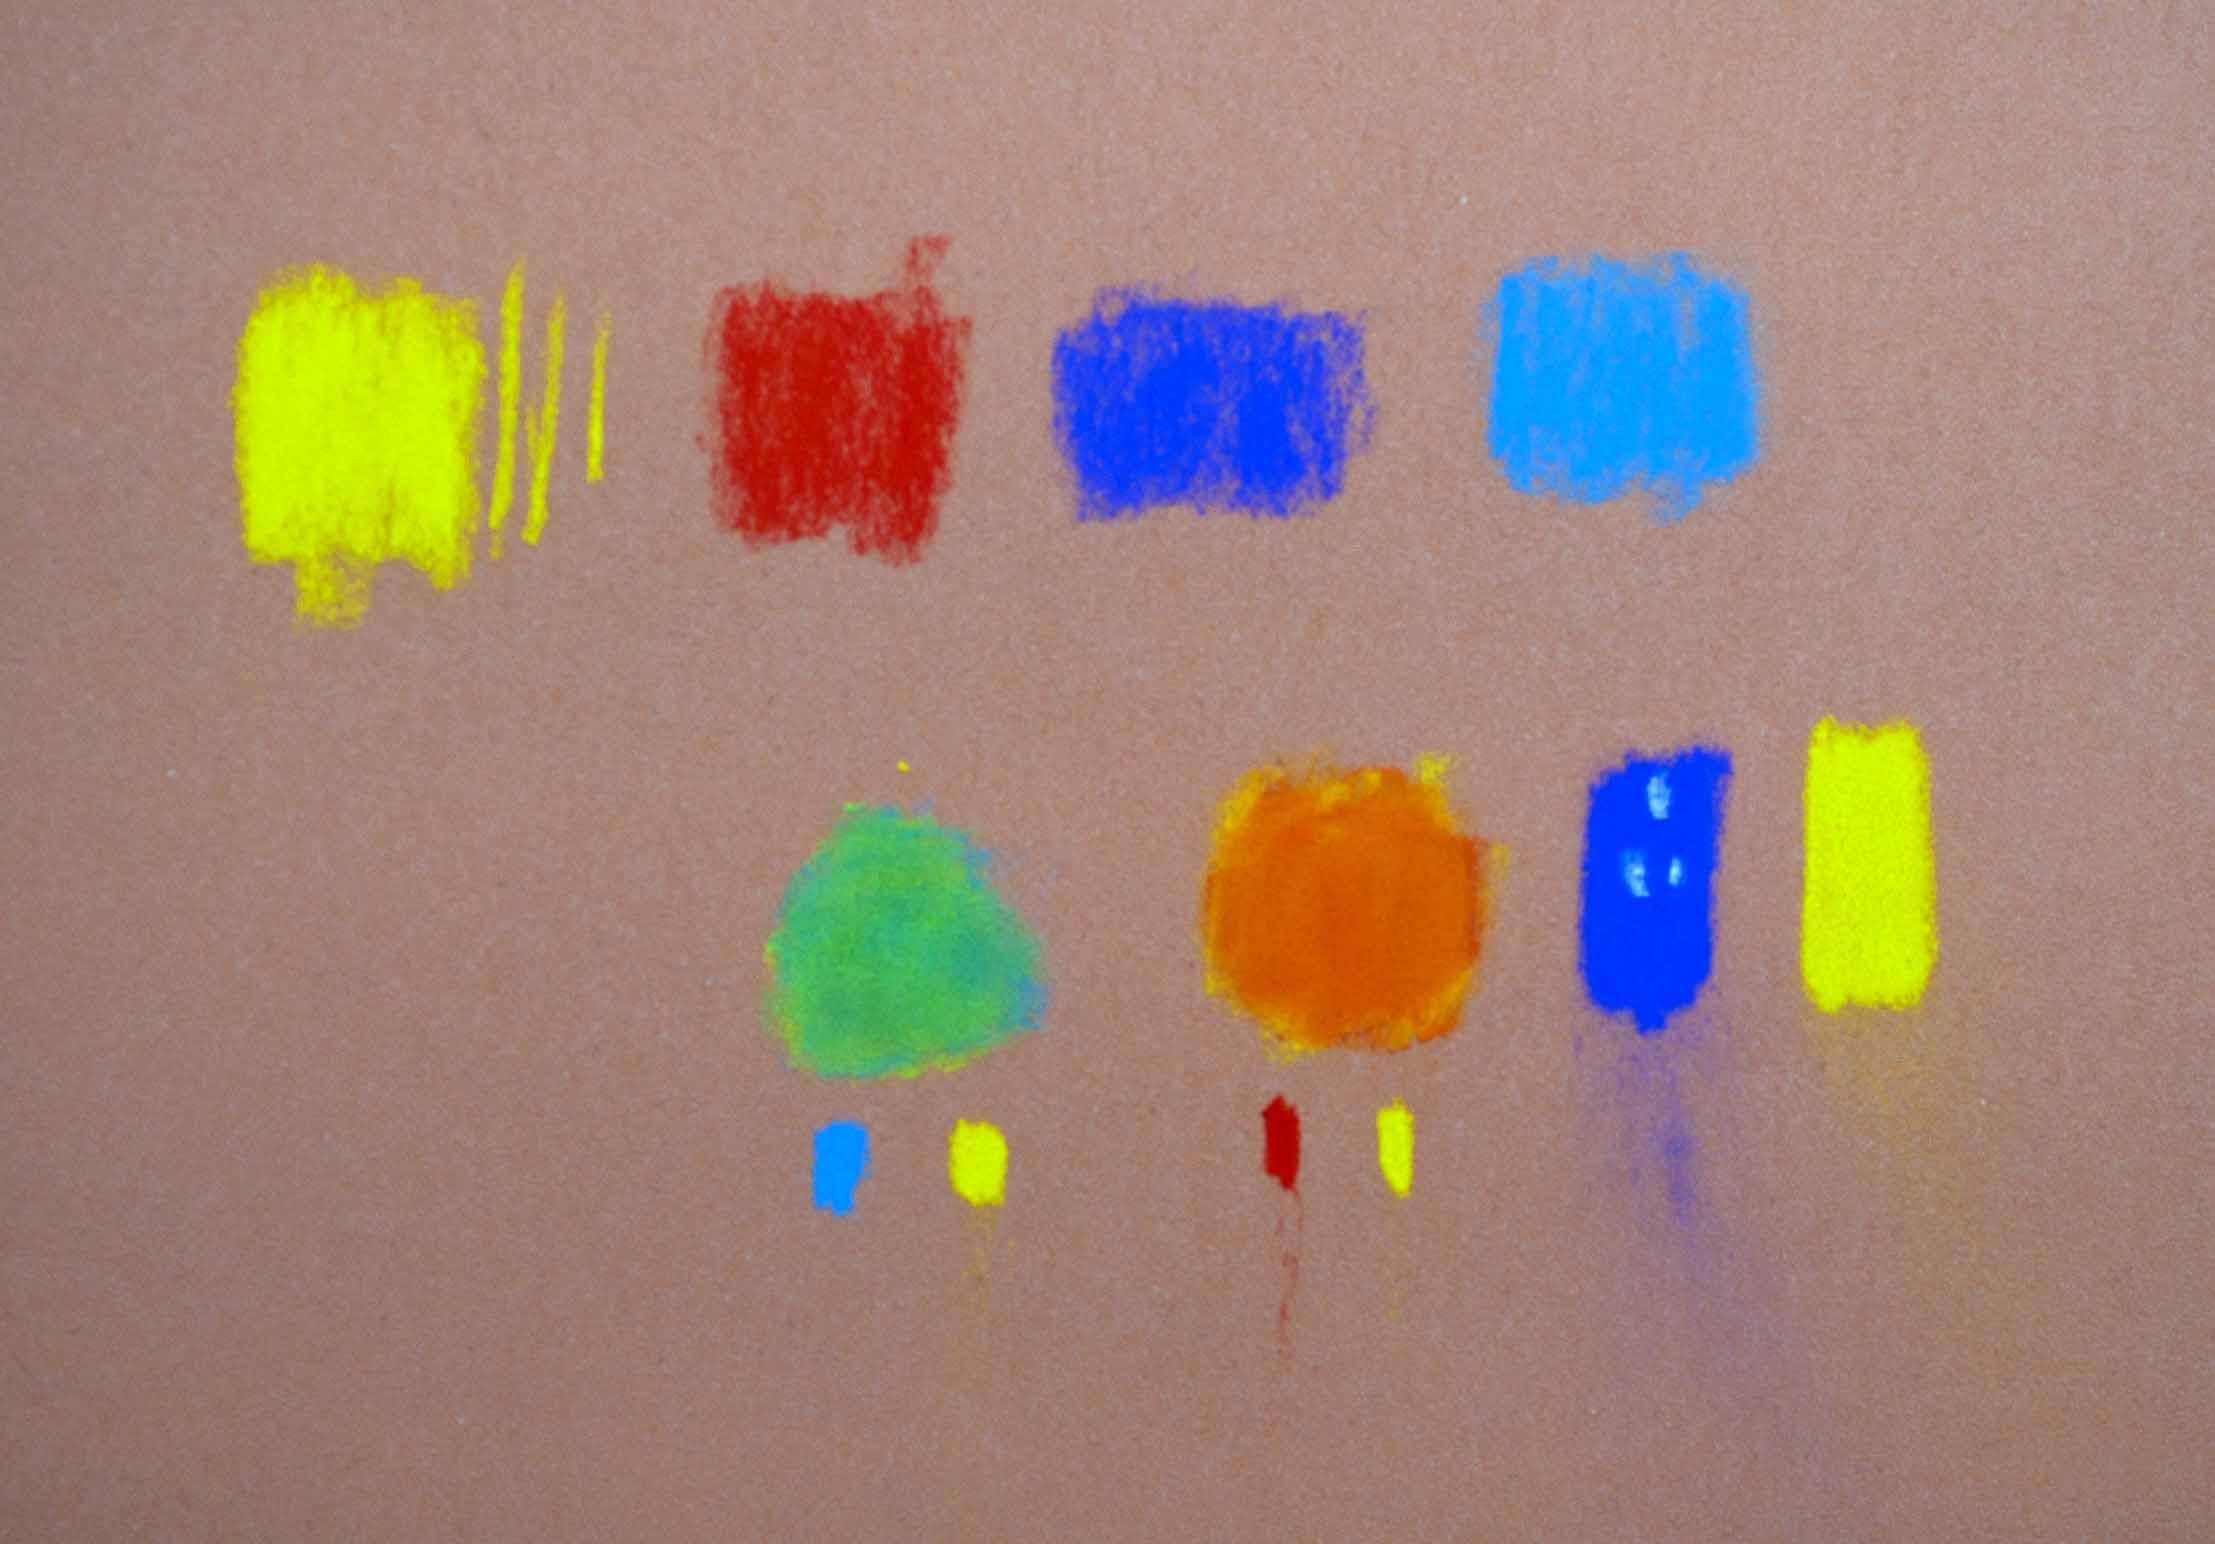 kohinoor pastel pencil test.jpg